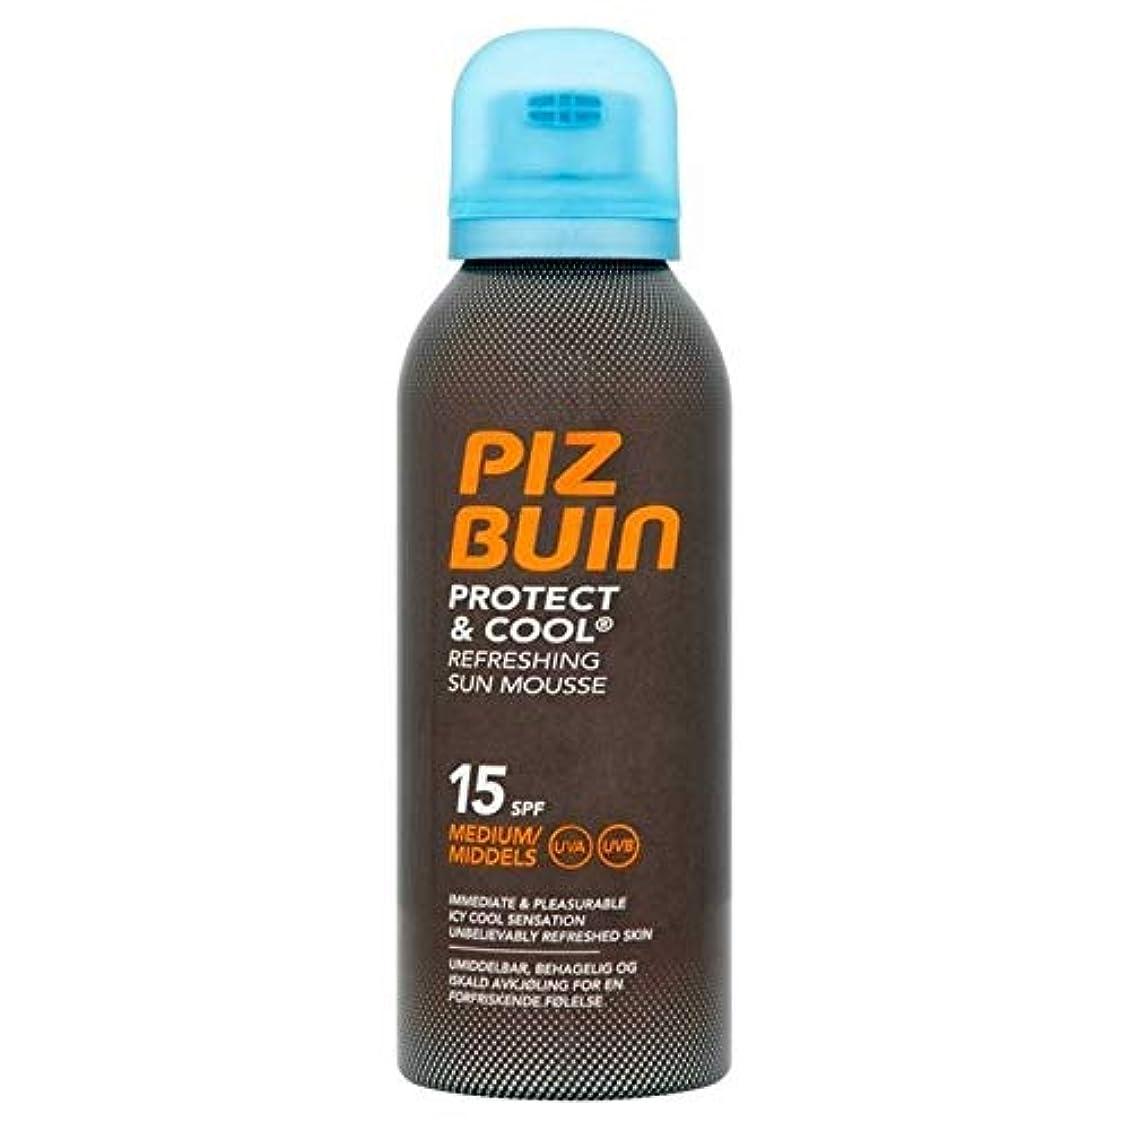 素晴らしい良い多くの優先権植物学[Piz Buin] ピッツのBuinのは、太陽のムースSpf15の150ミリリットルを保護&クール - Piz Buin Protect & Cool Sun Mousse SPF15 150ml [並行輸入品]